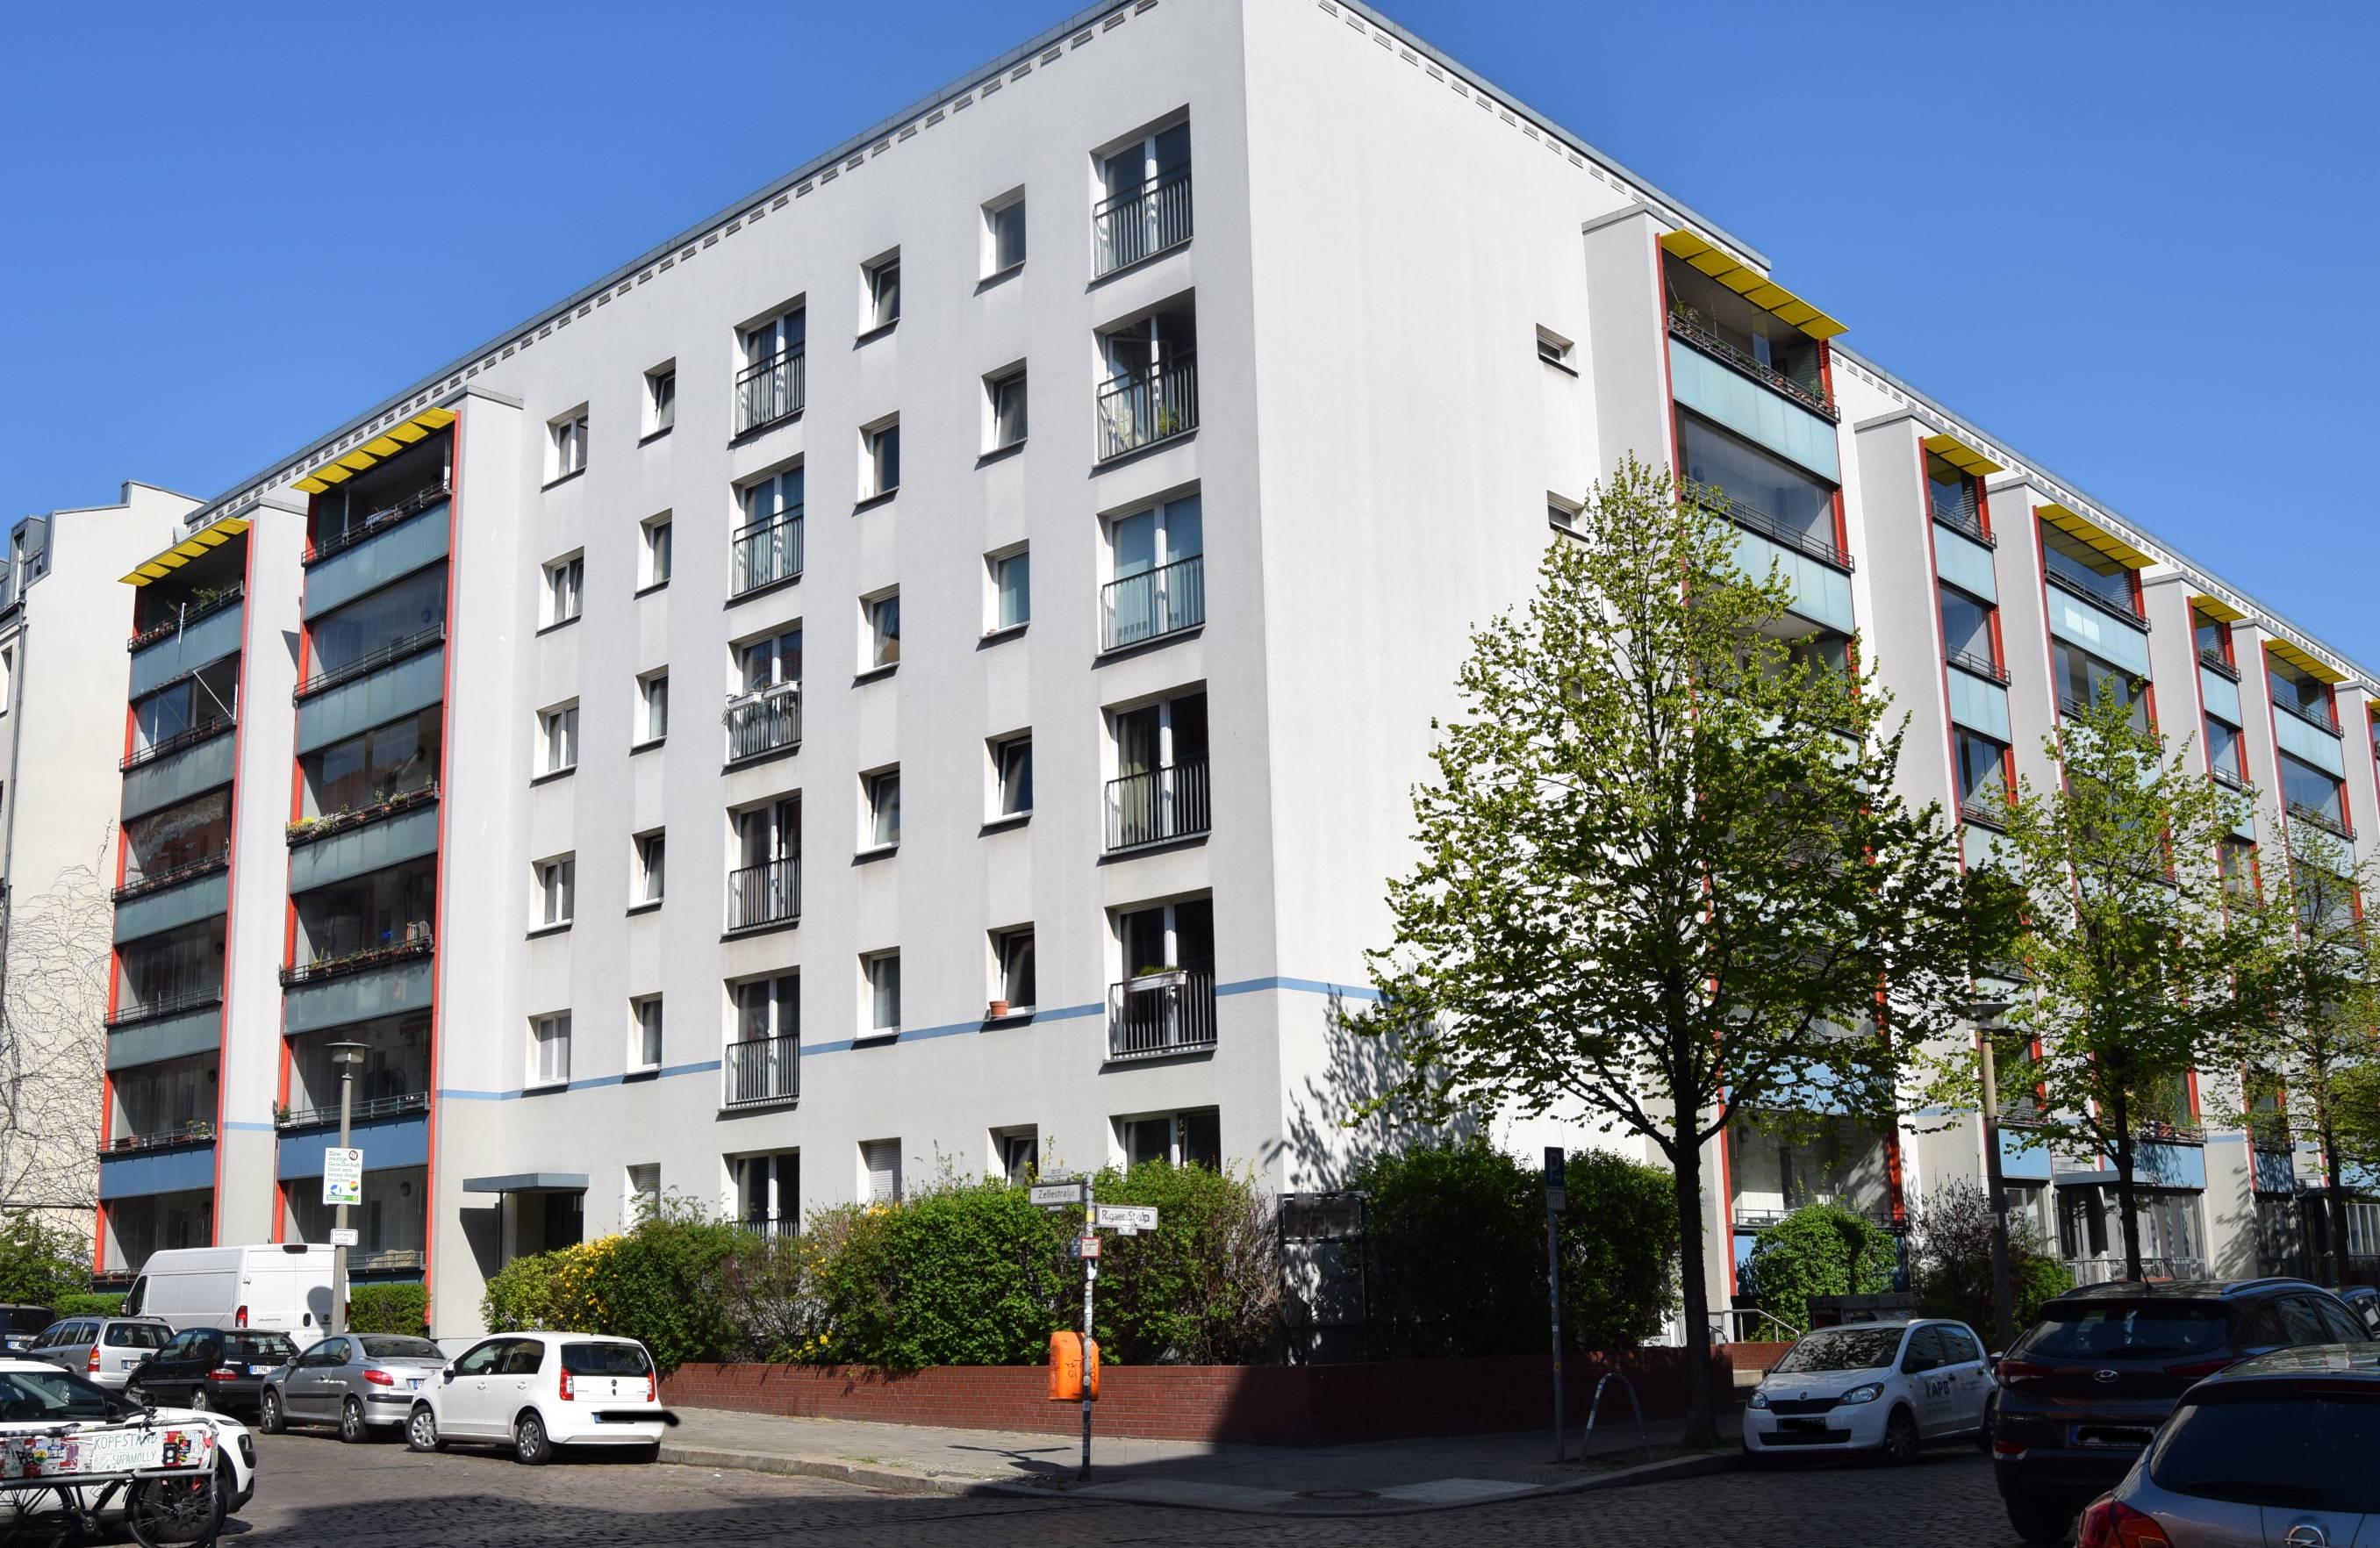 Verkauf Appartement Rigaer Straße Friedrichshain